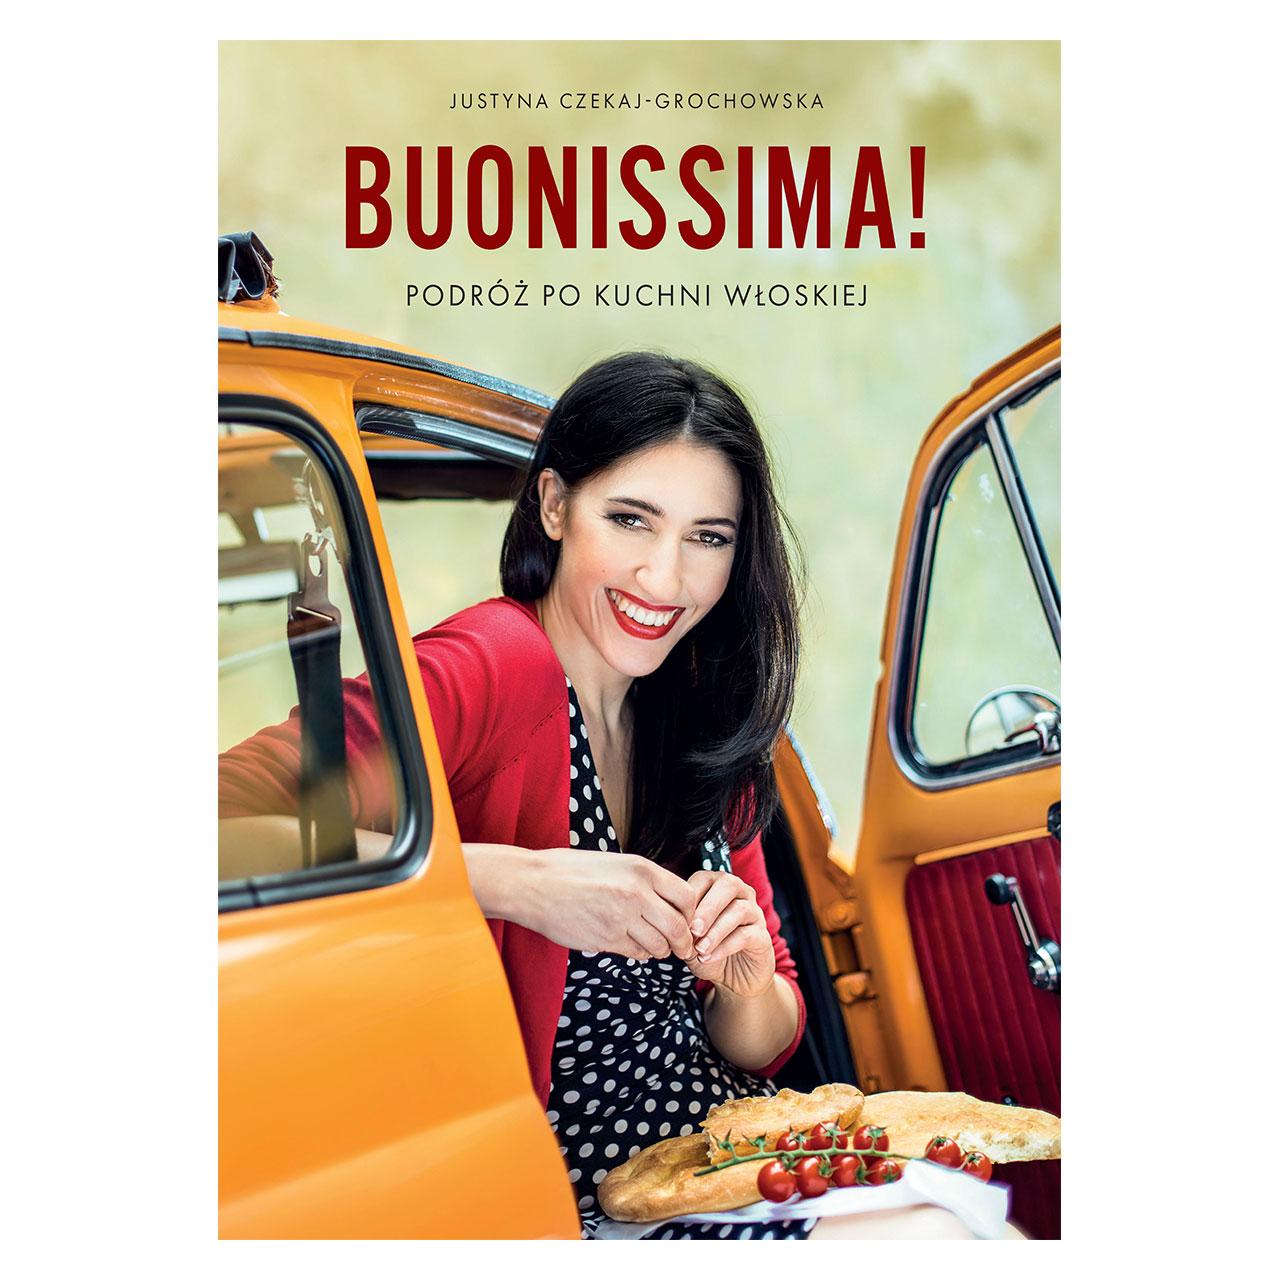 Buonissima! Podróż po kuchni włoskiej